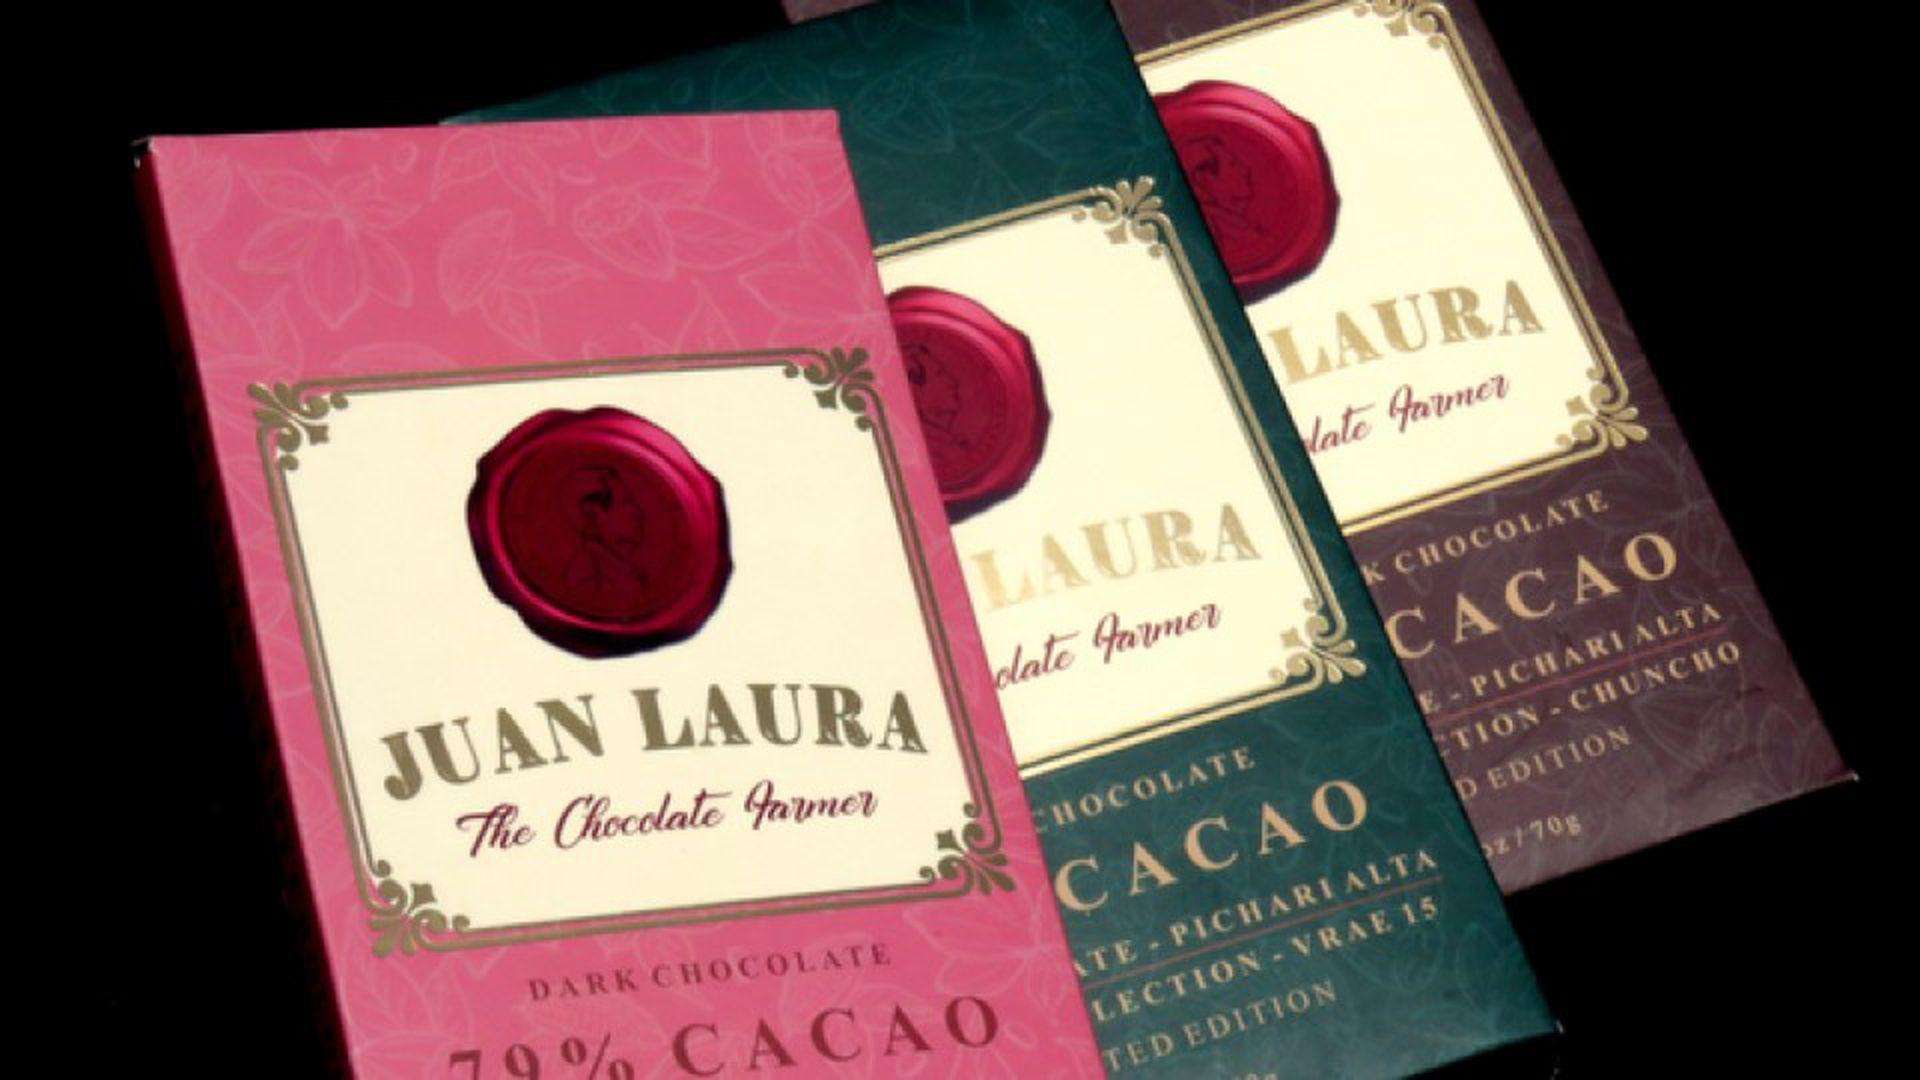 La marca de chocolates en honor al padre que se animó a cultivar una tierra destrozada por la coca